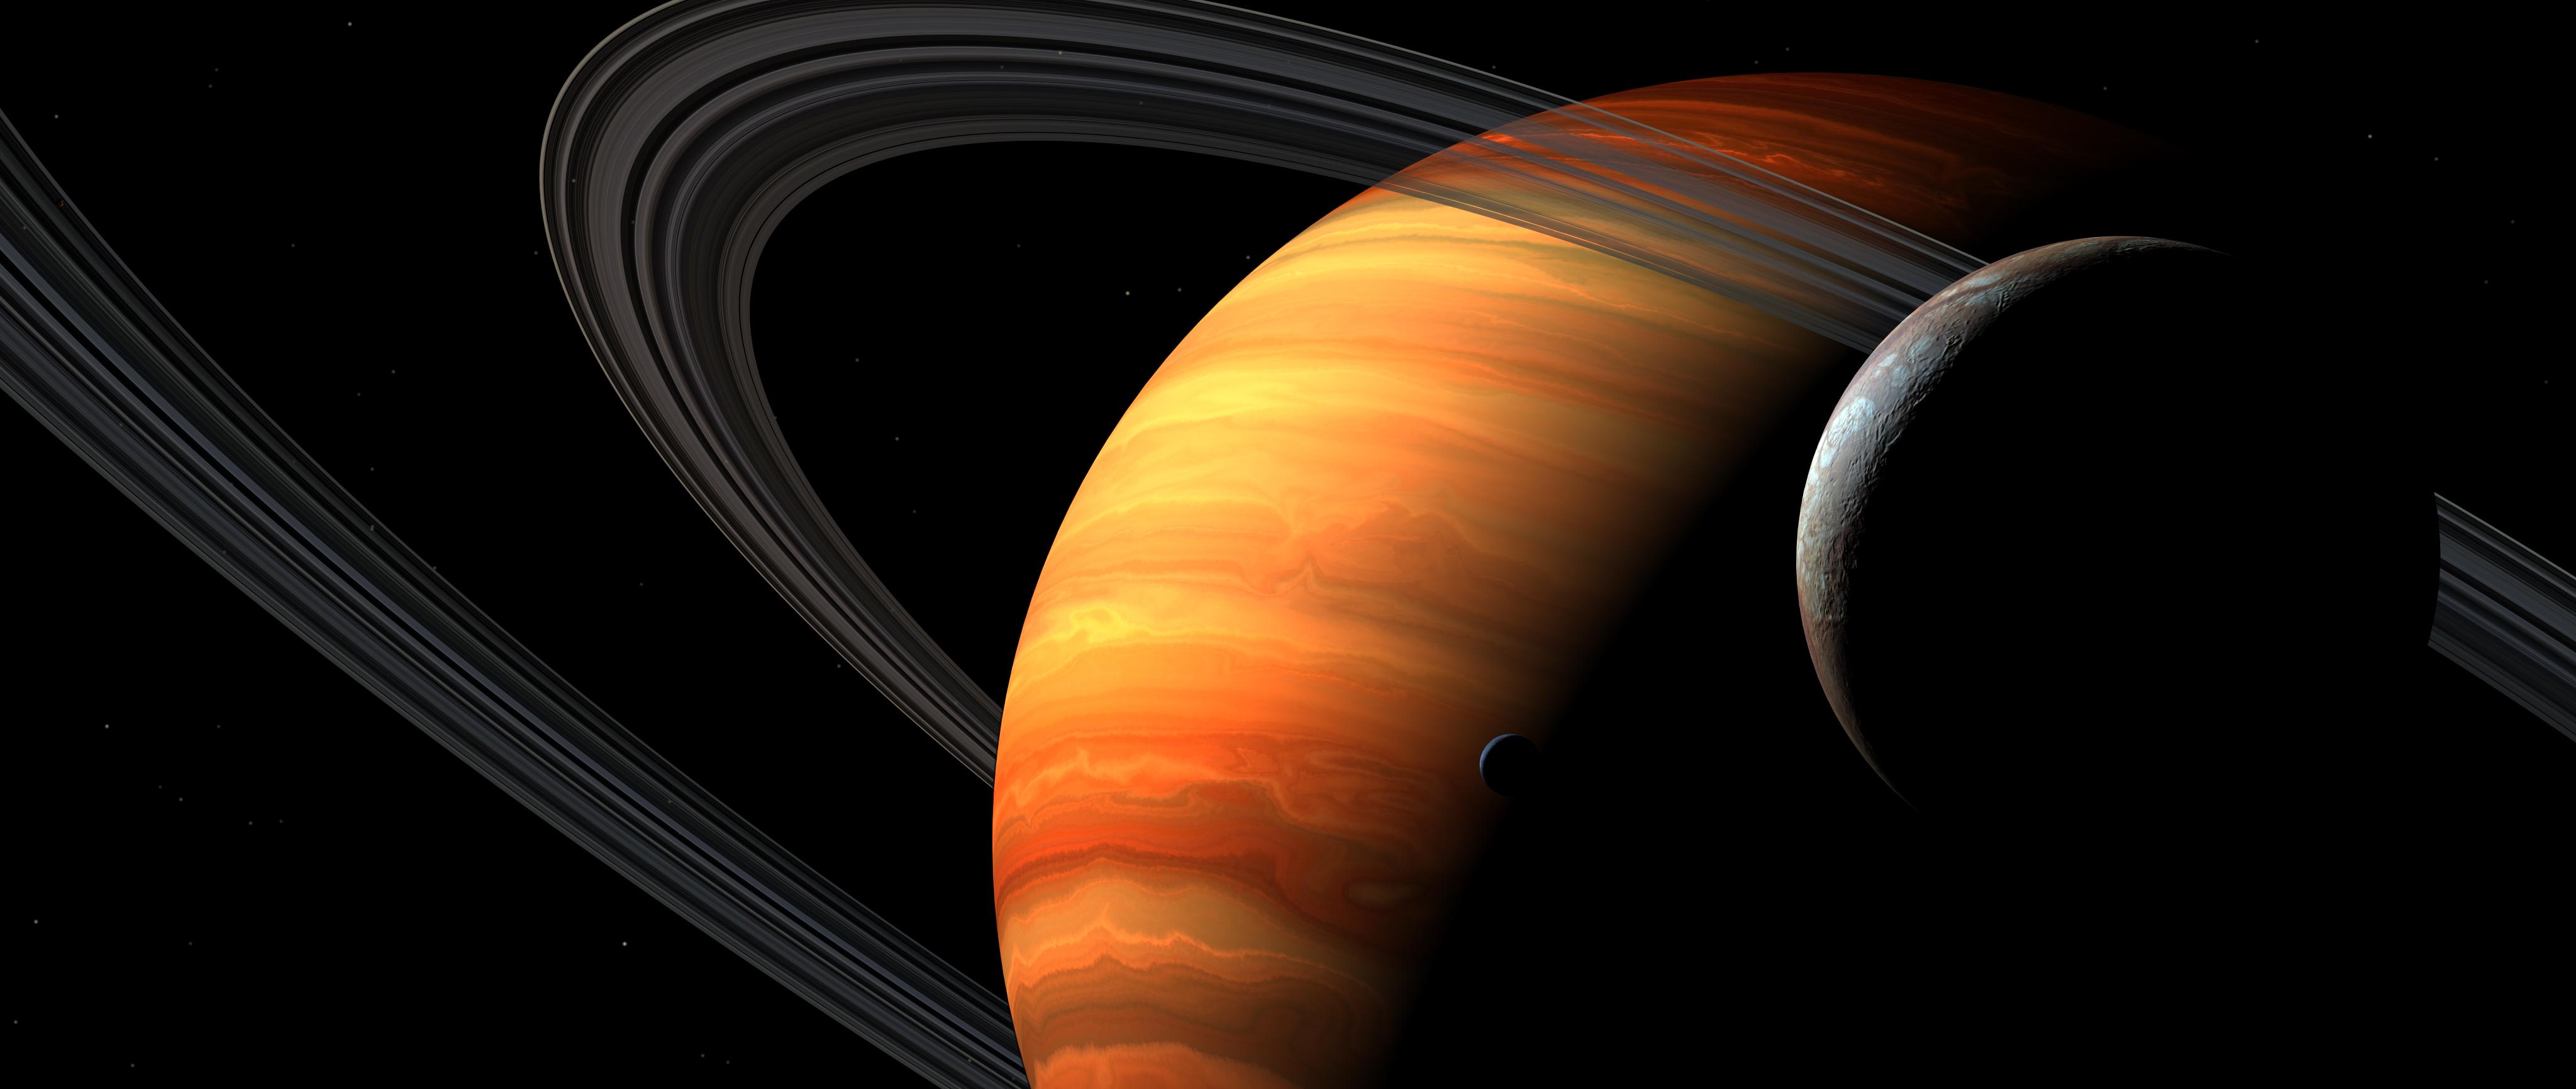 Fondos de pantalla Planeta con anillo